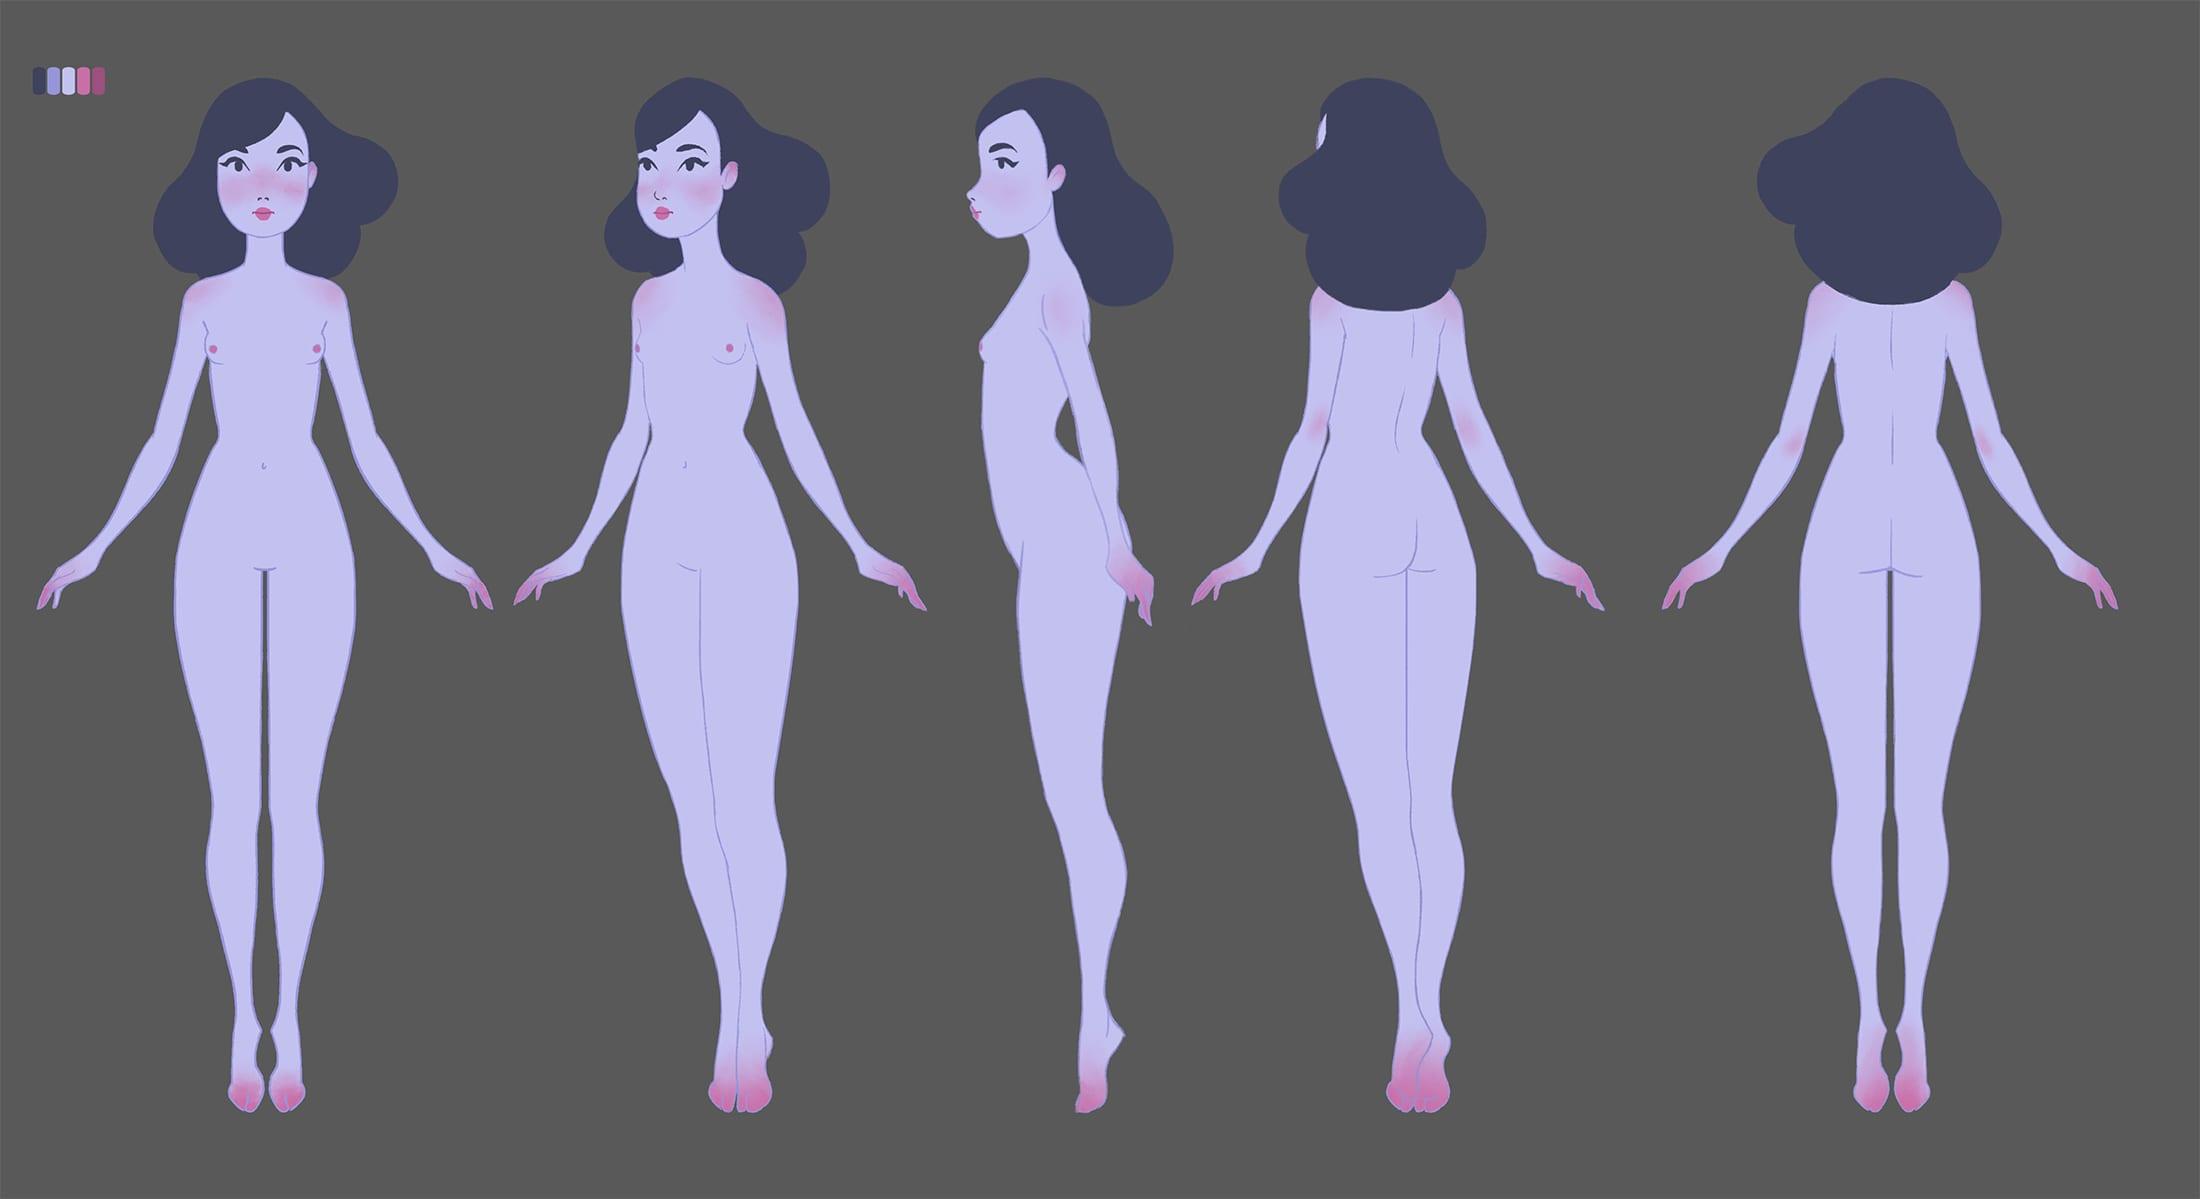 Character design sheet for Ava